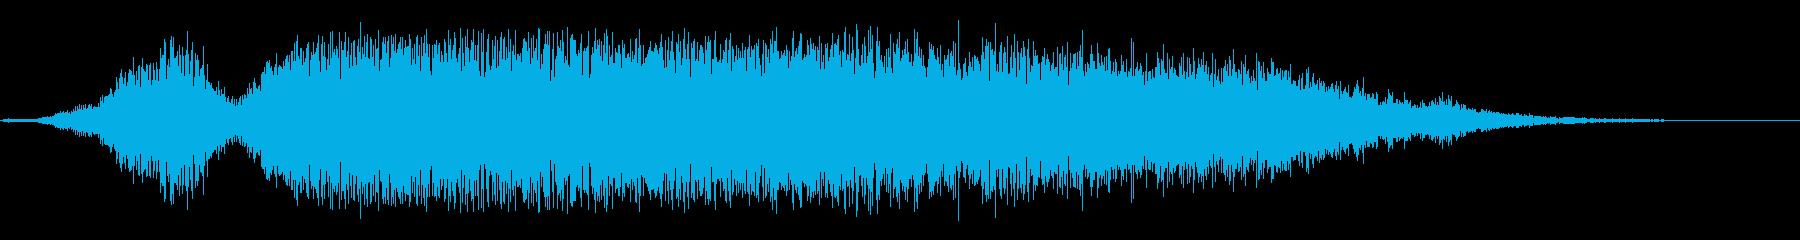 驚きの再生済みの波形